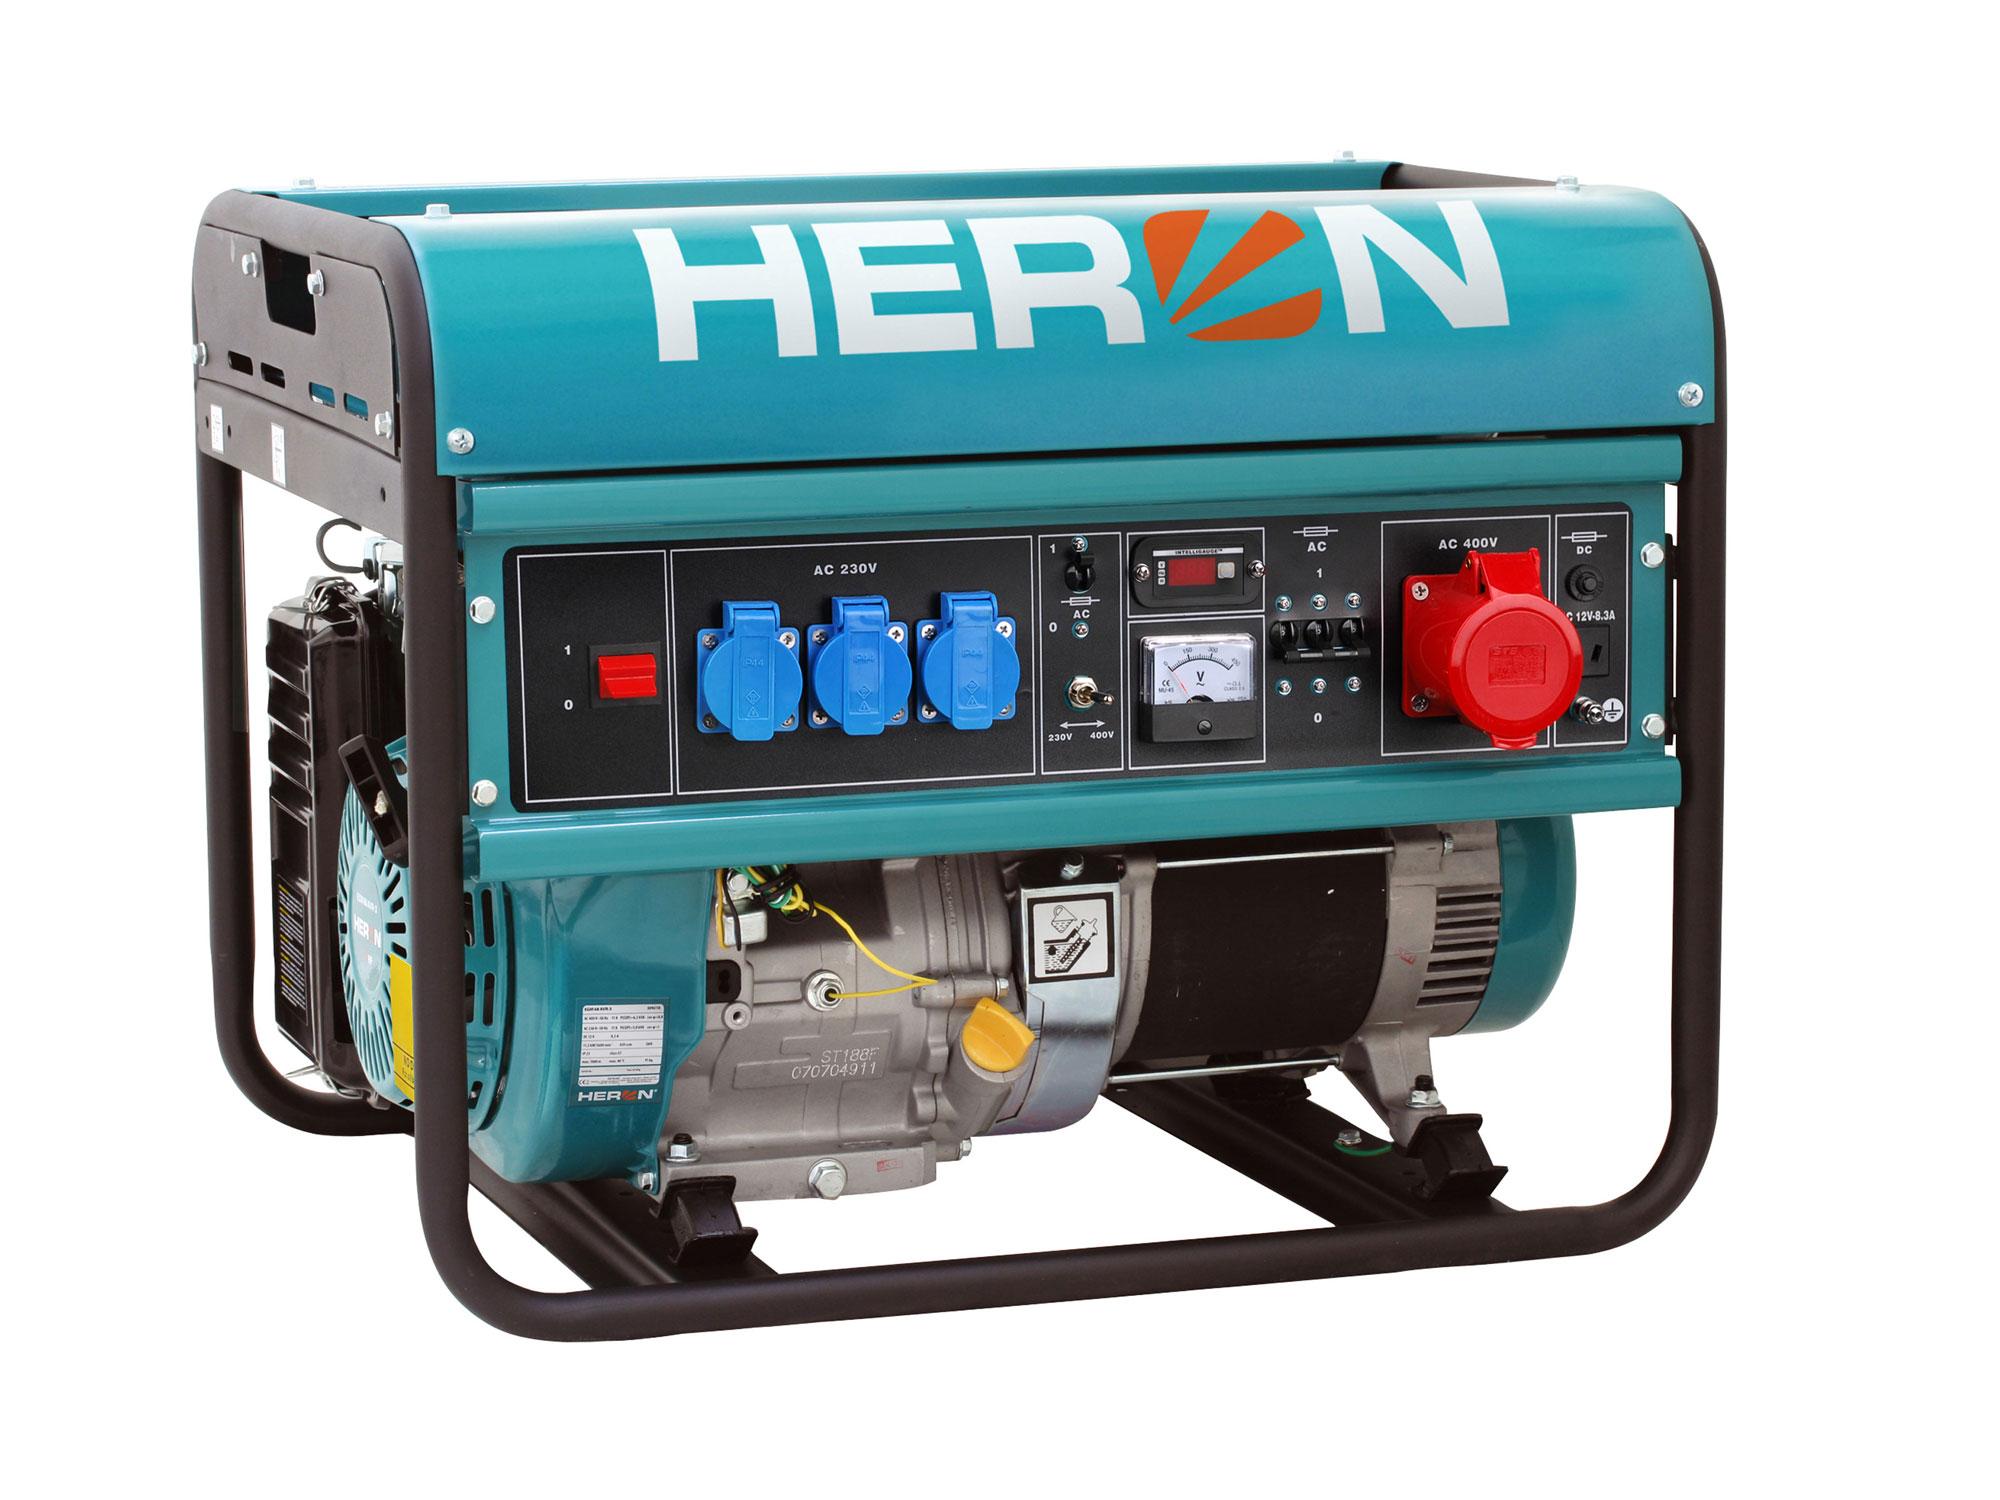 Elektrocentrála benzínová 15HP/6,8kW (400V) 5,5kW (230V) EGM 68 AVR-3 HERON 8896118